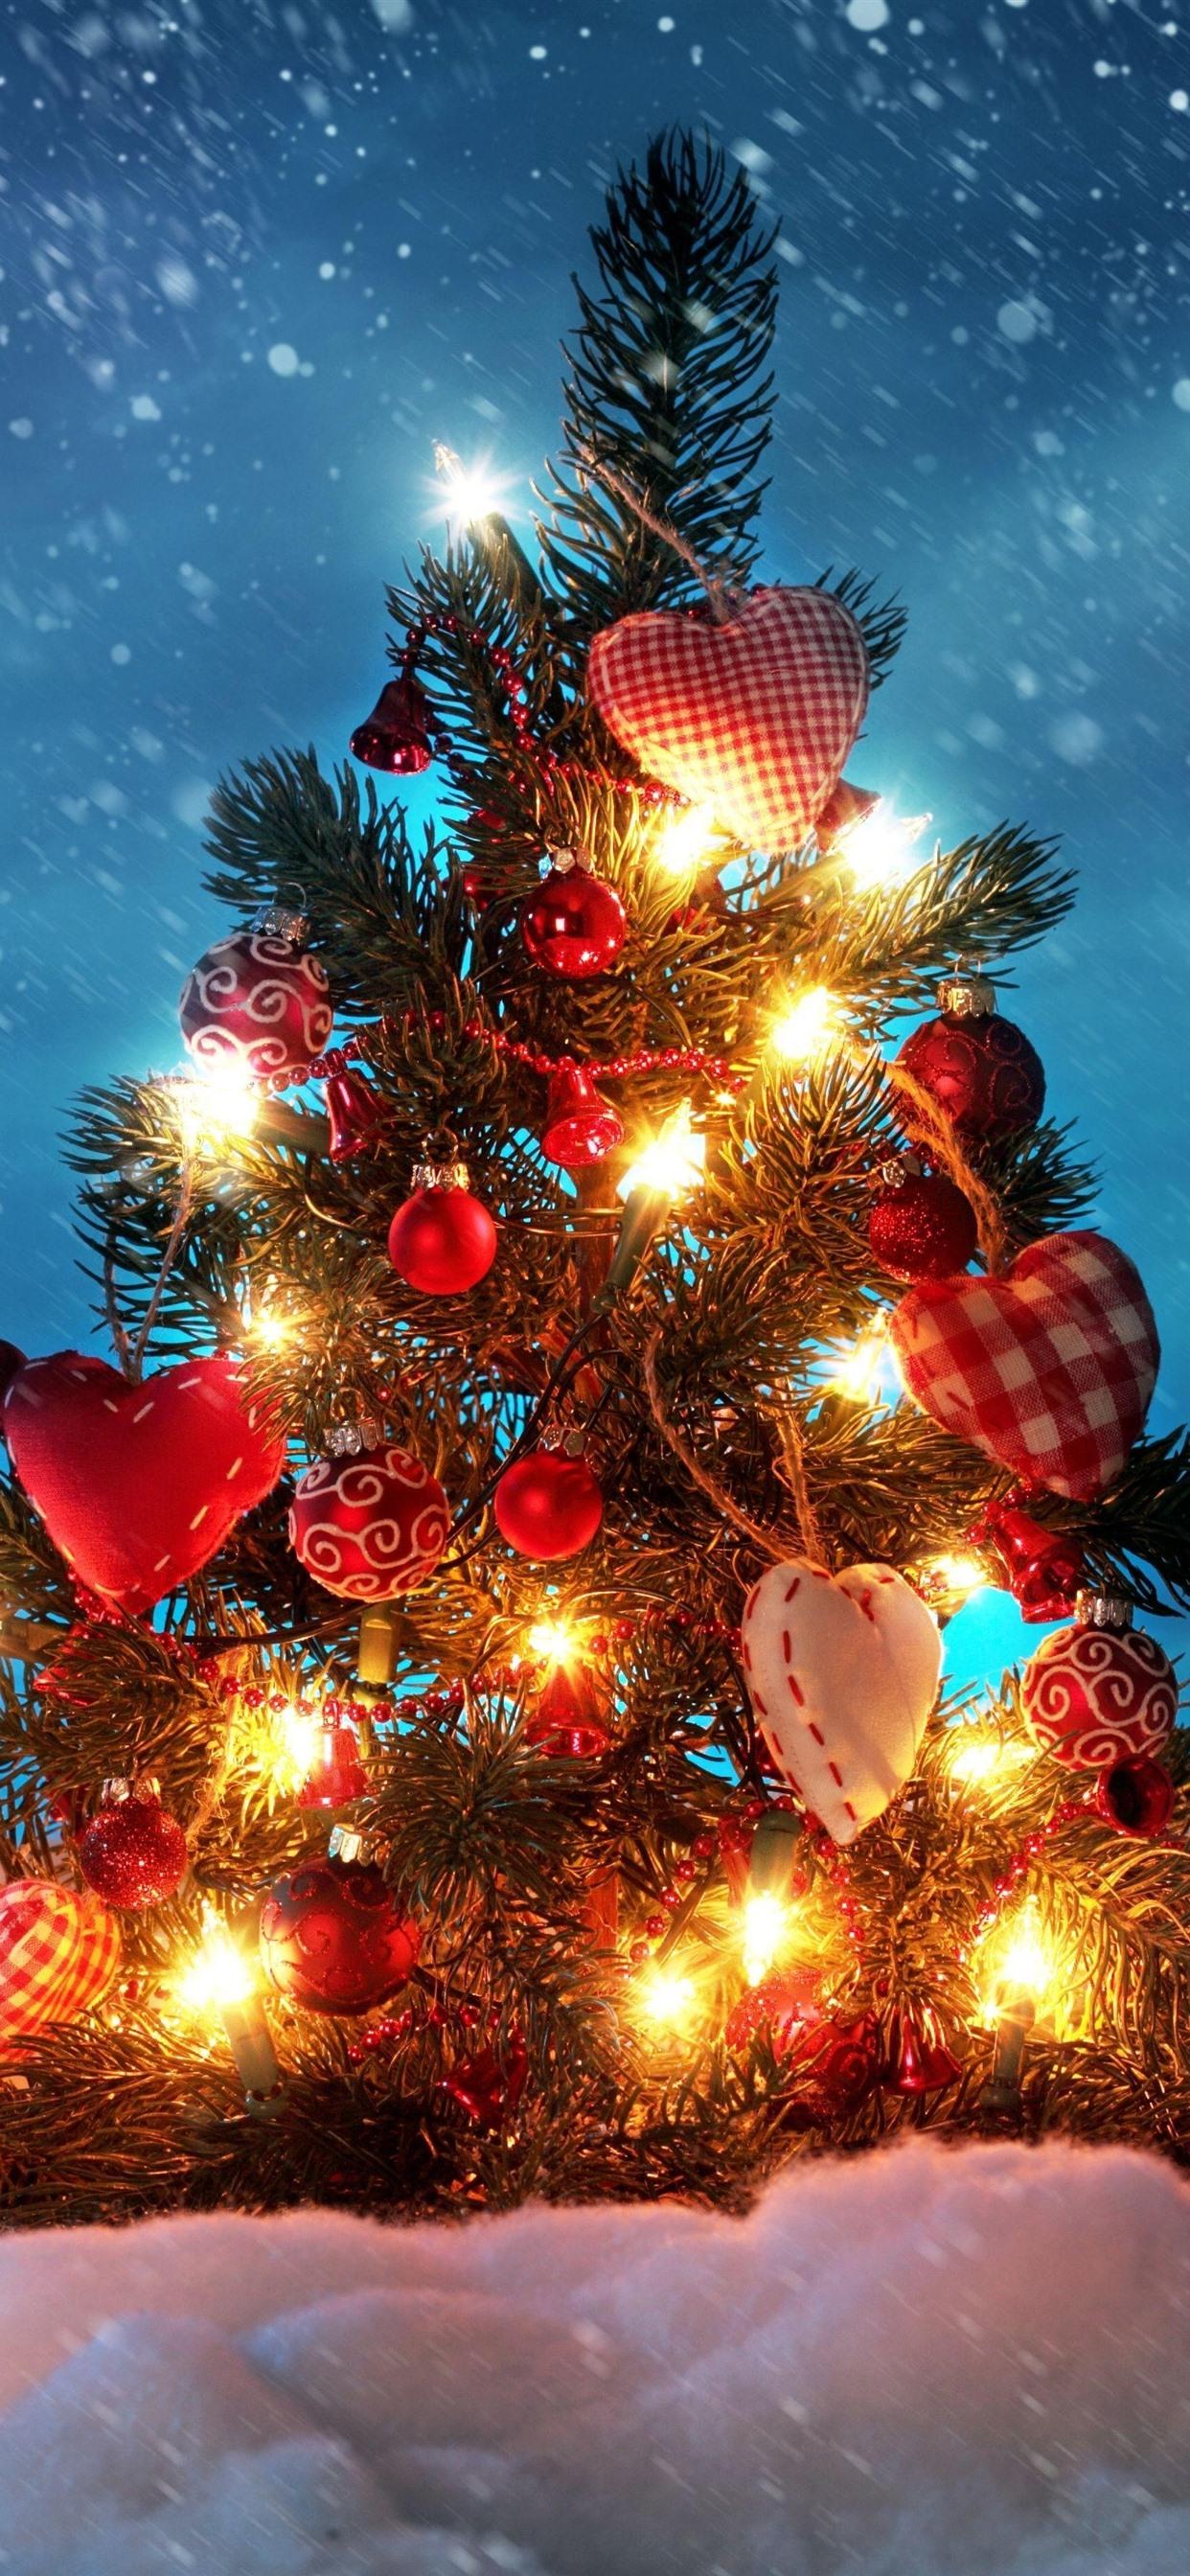 クリスマスツリー 装飾 ライト 雪 冬 1242x2688 Iphone 11 Pro Xs